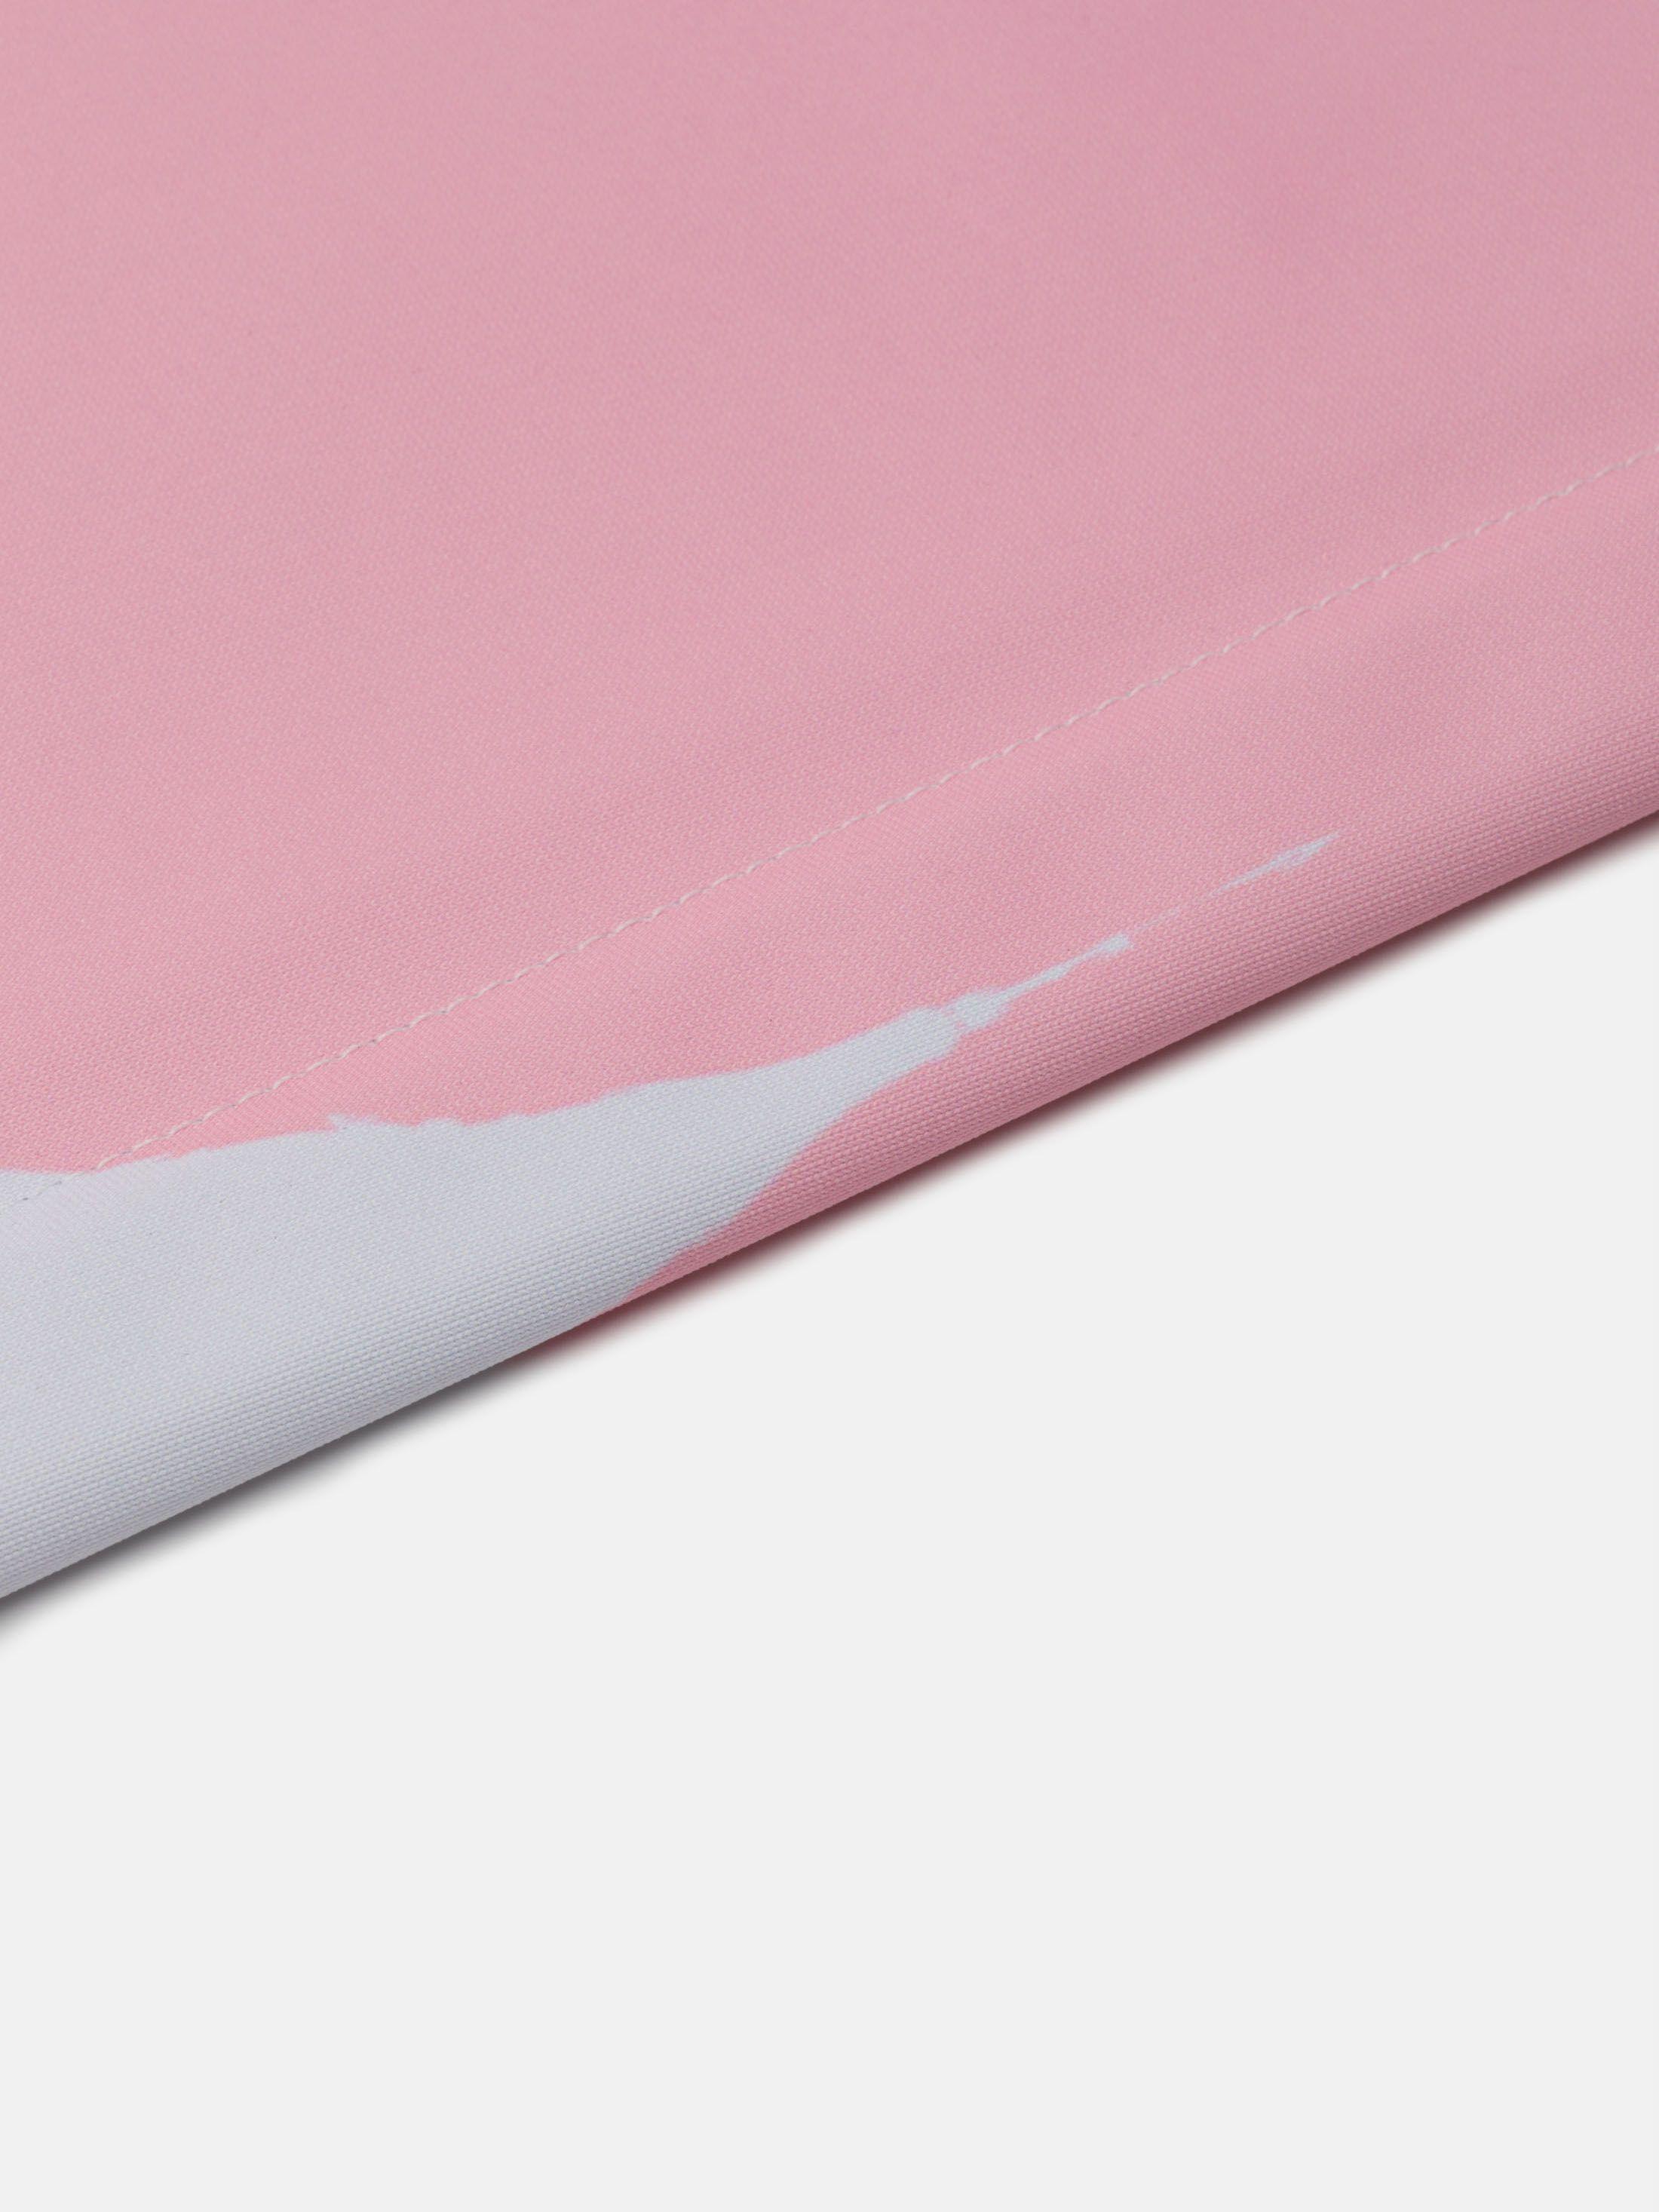 installing custom made blinds